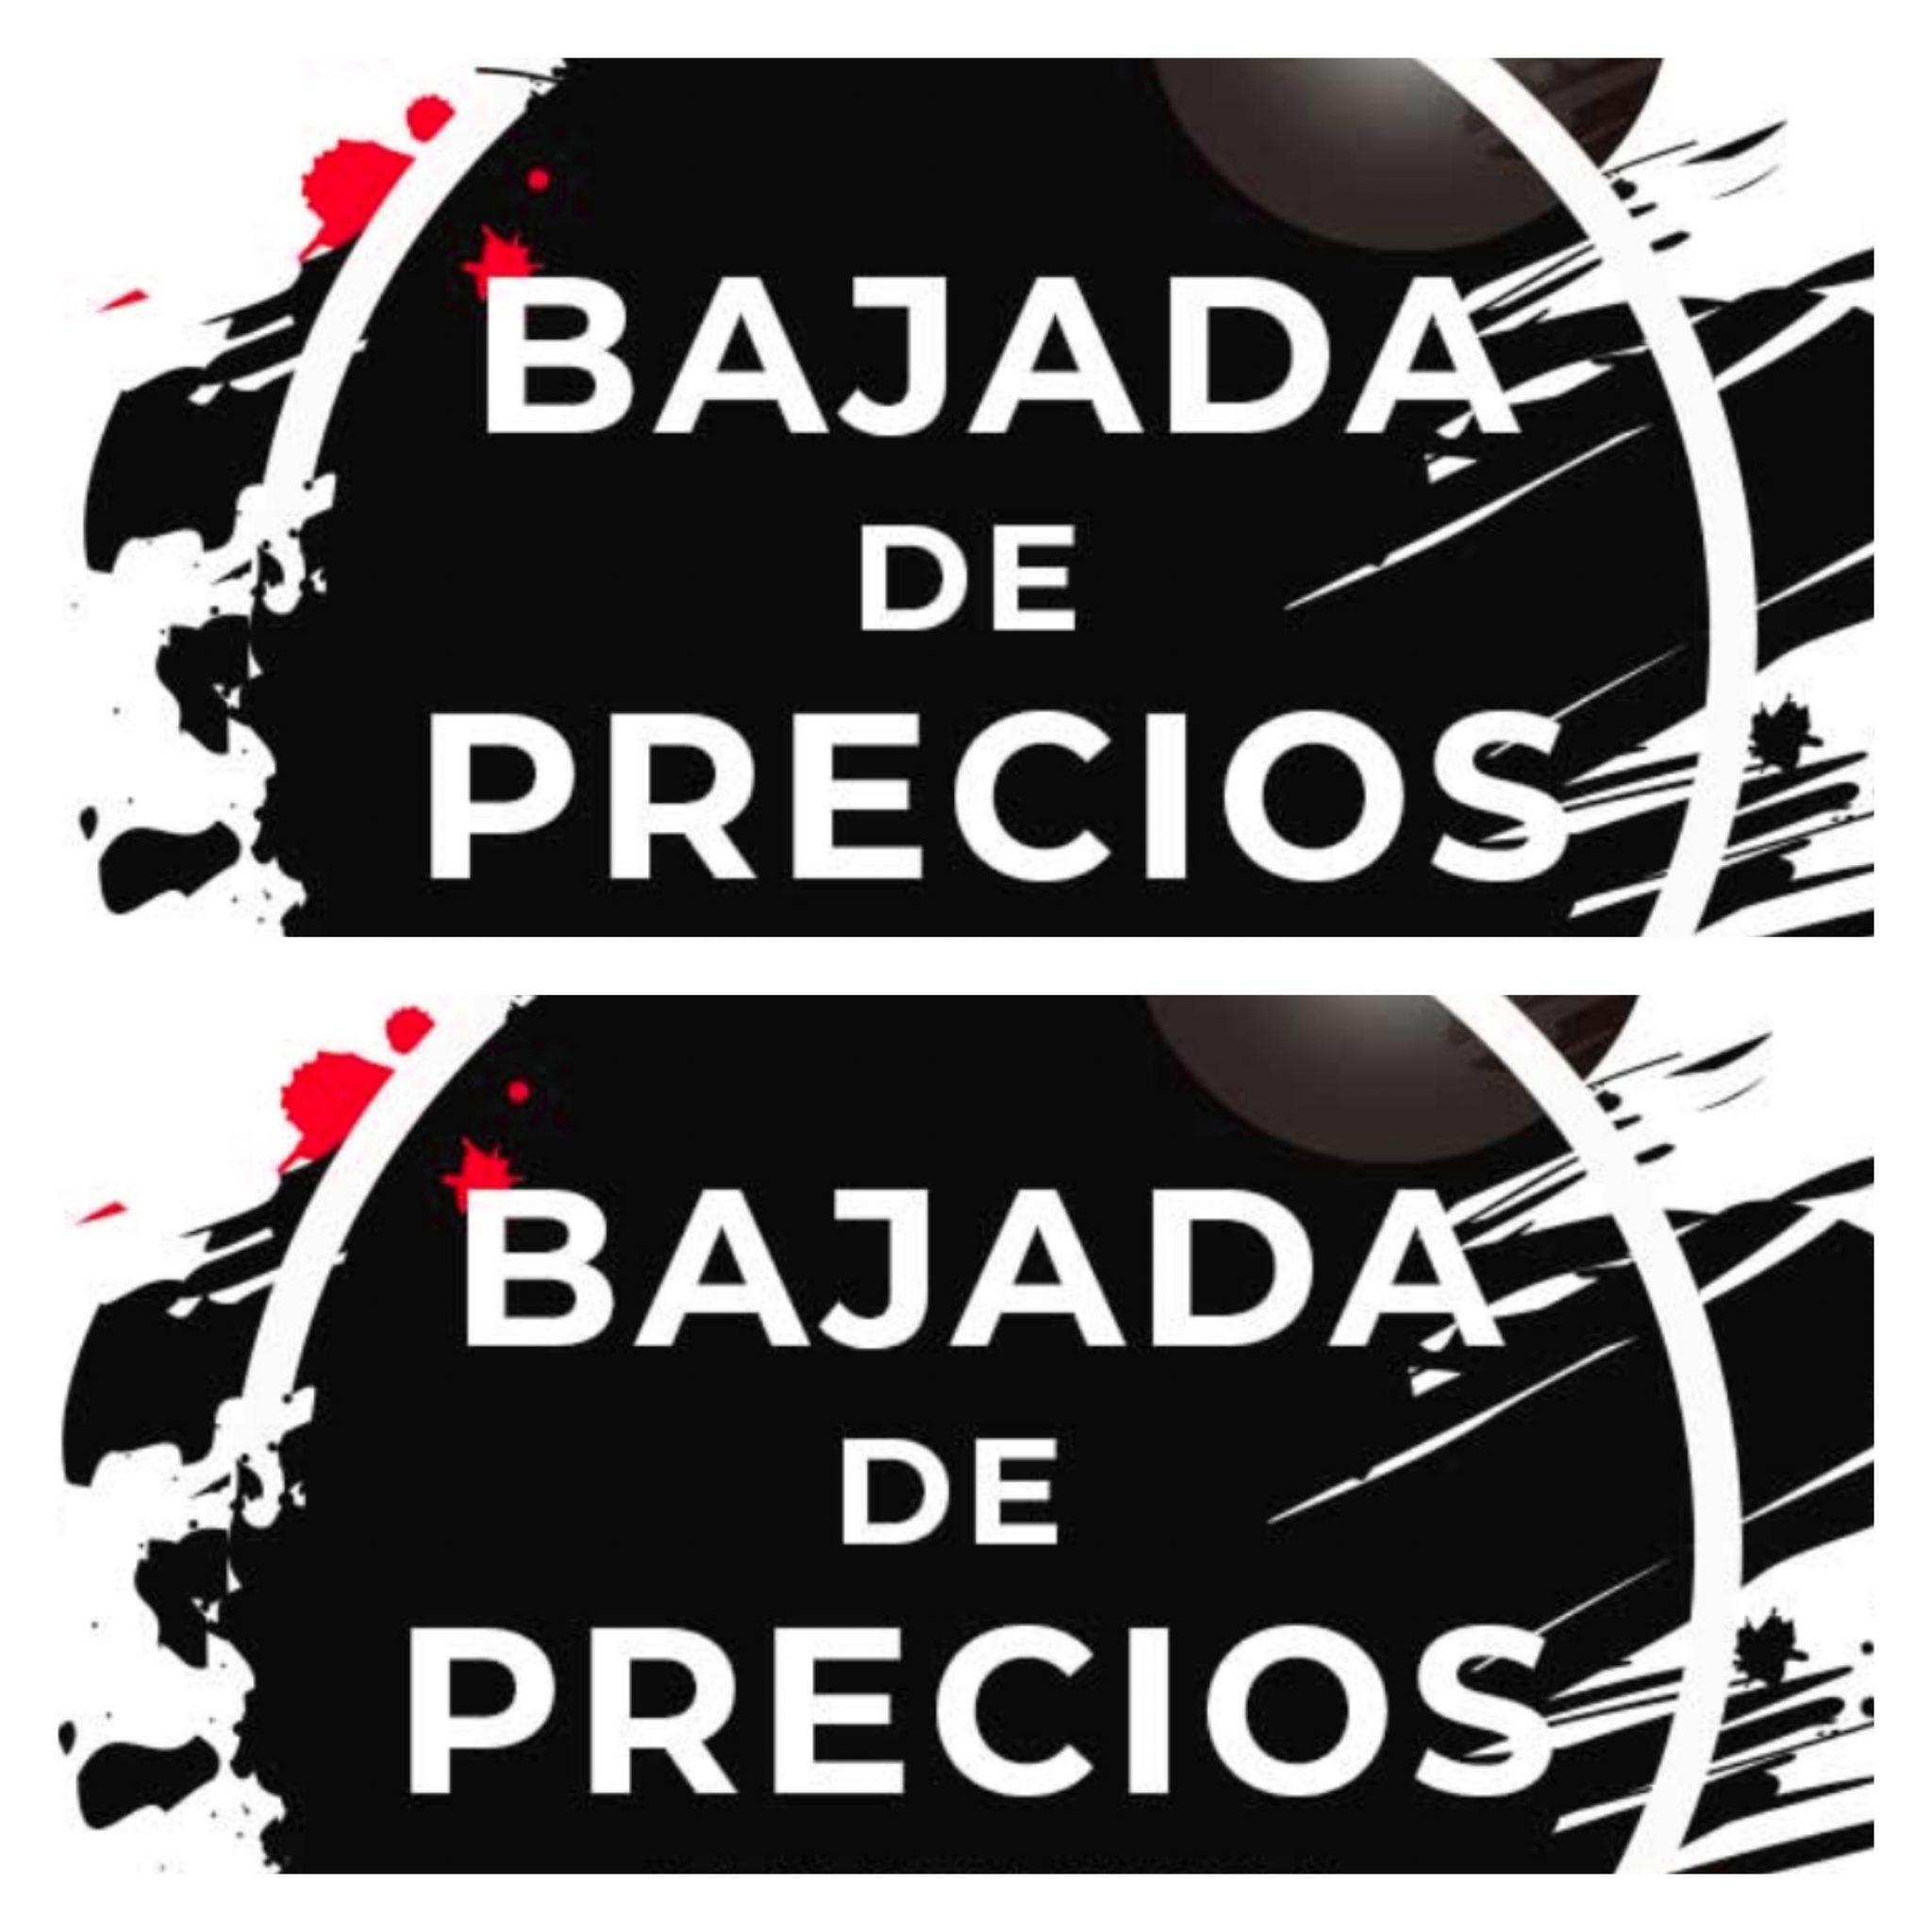 bajada_precios2